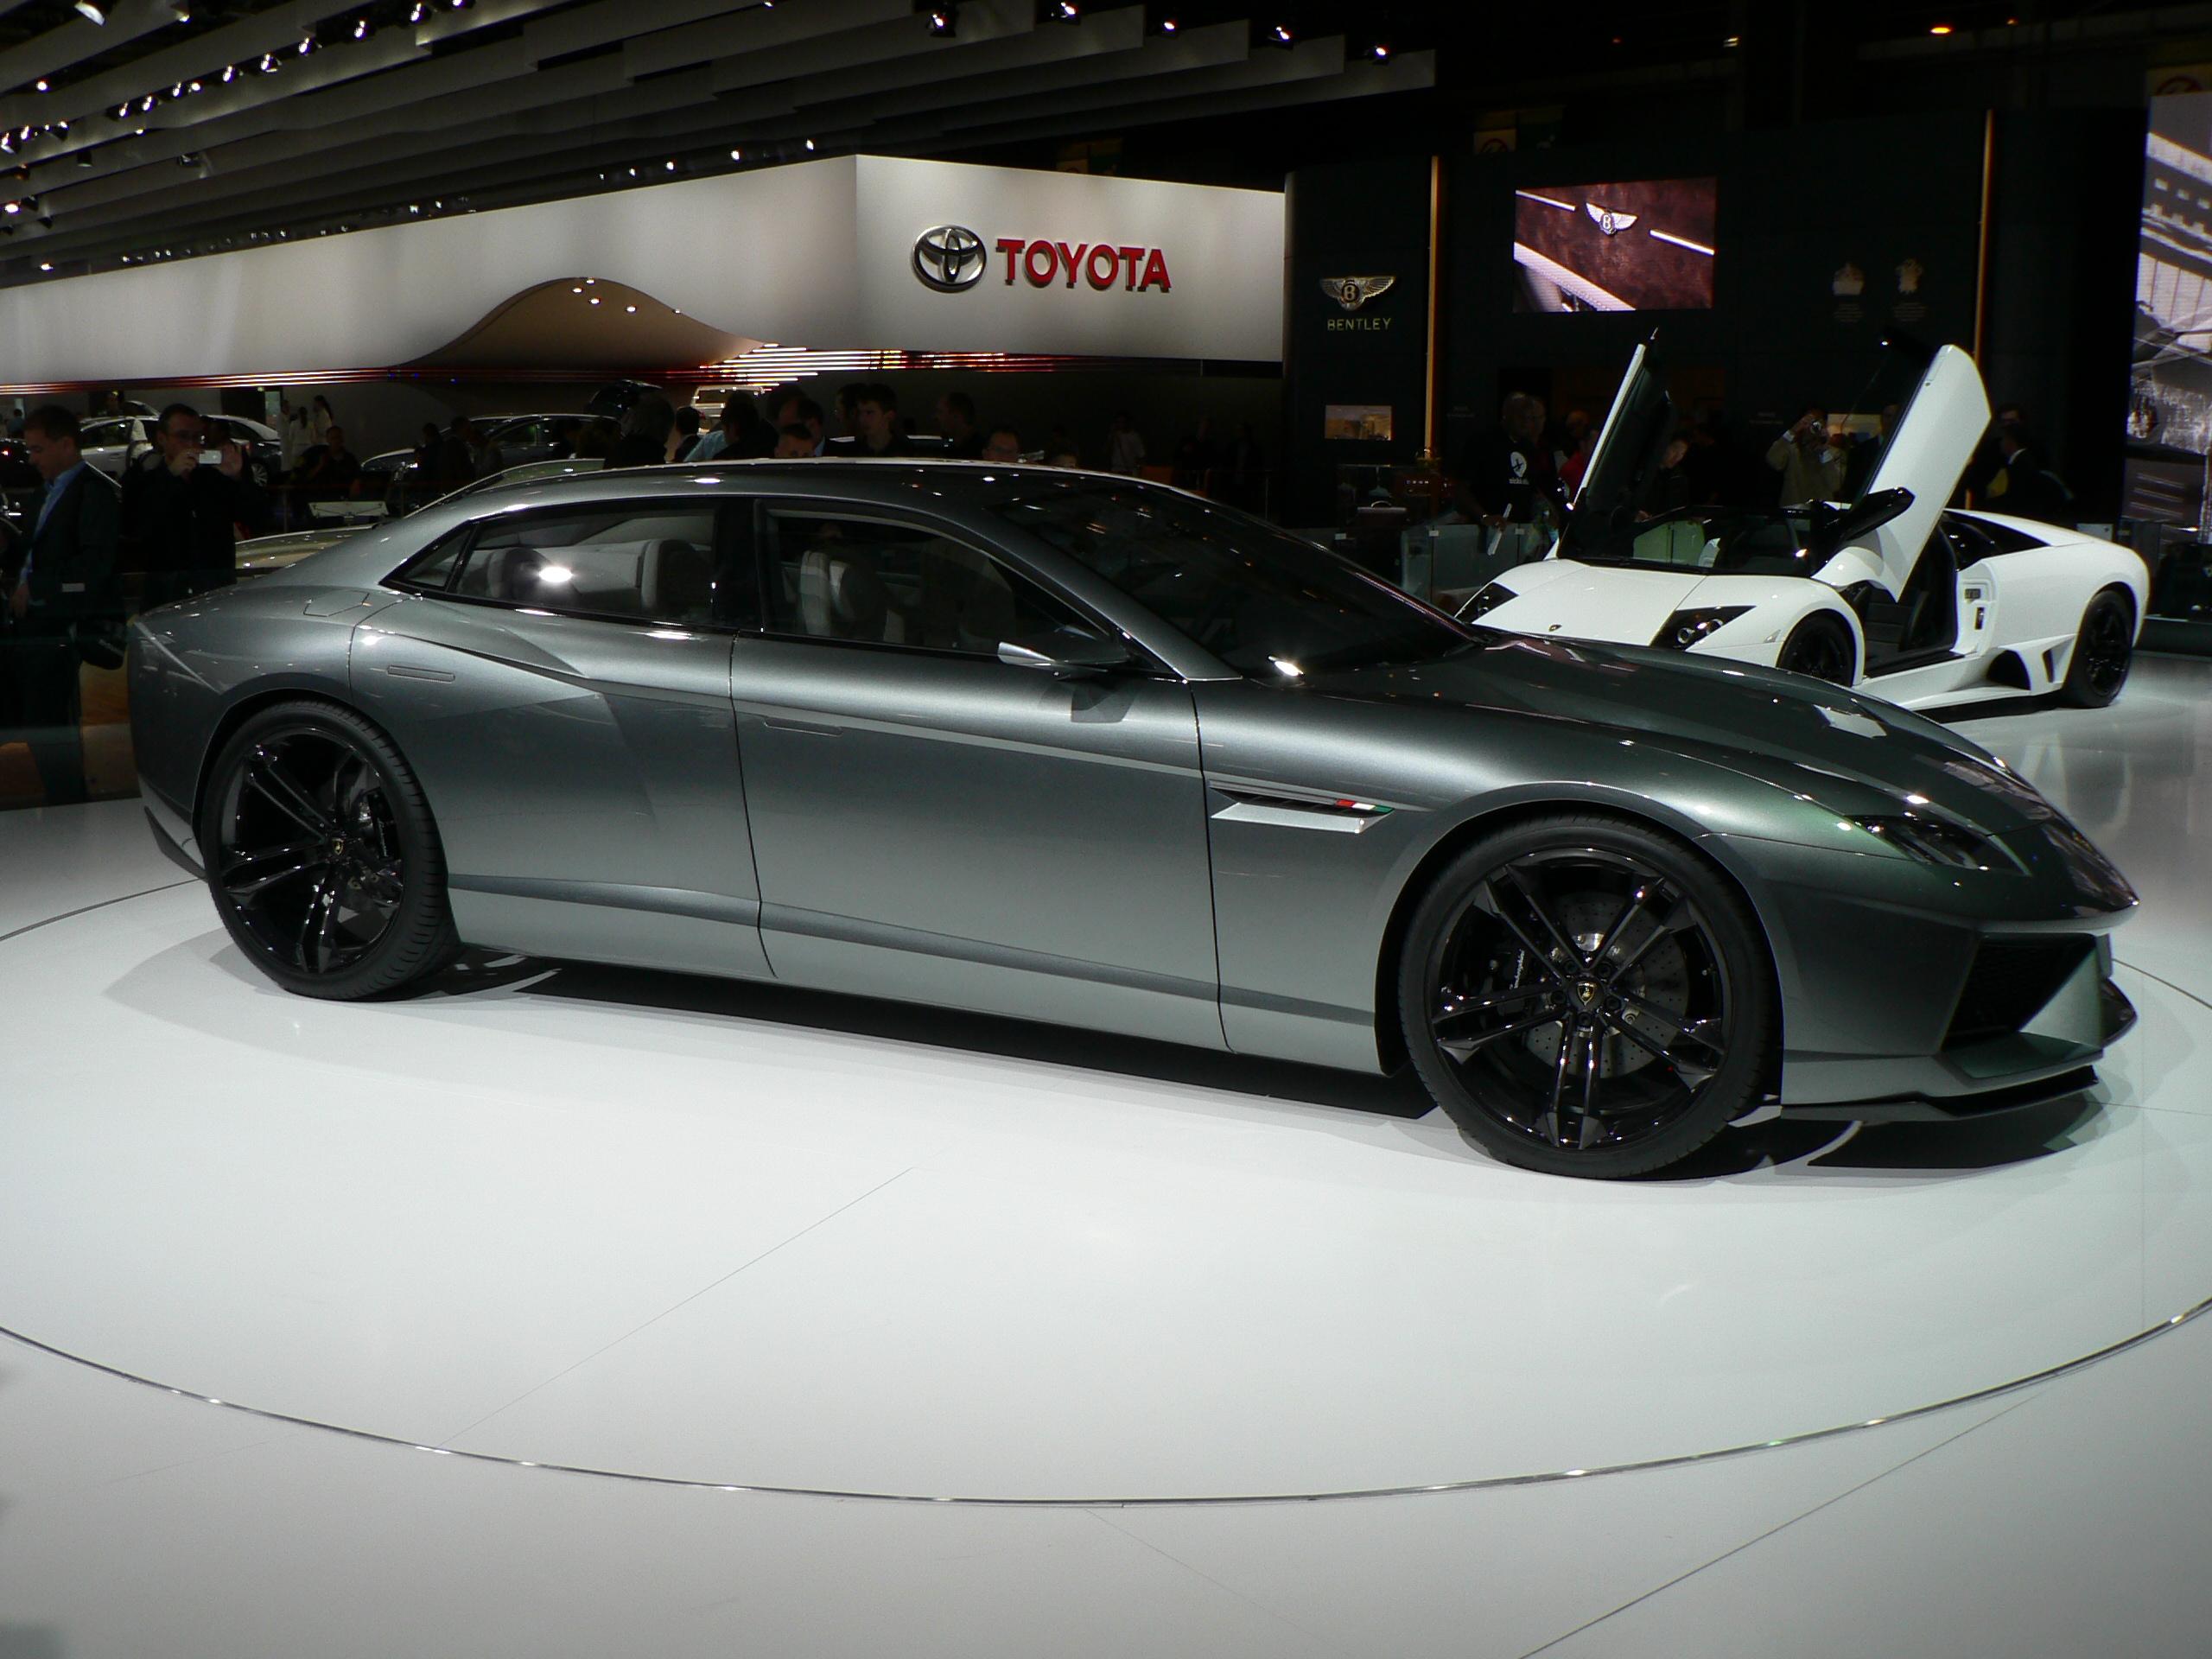 Lamborghini Estoque The Concept That Everyone Dreams About Image 7